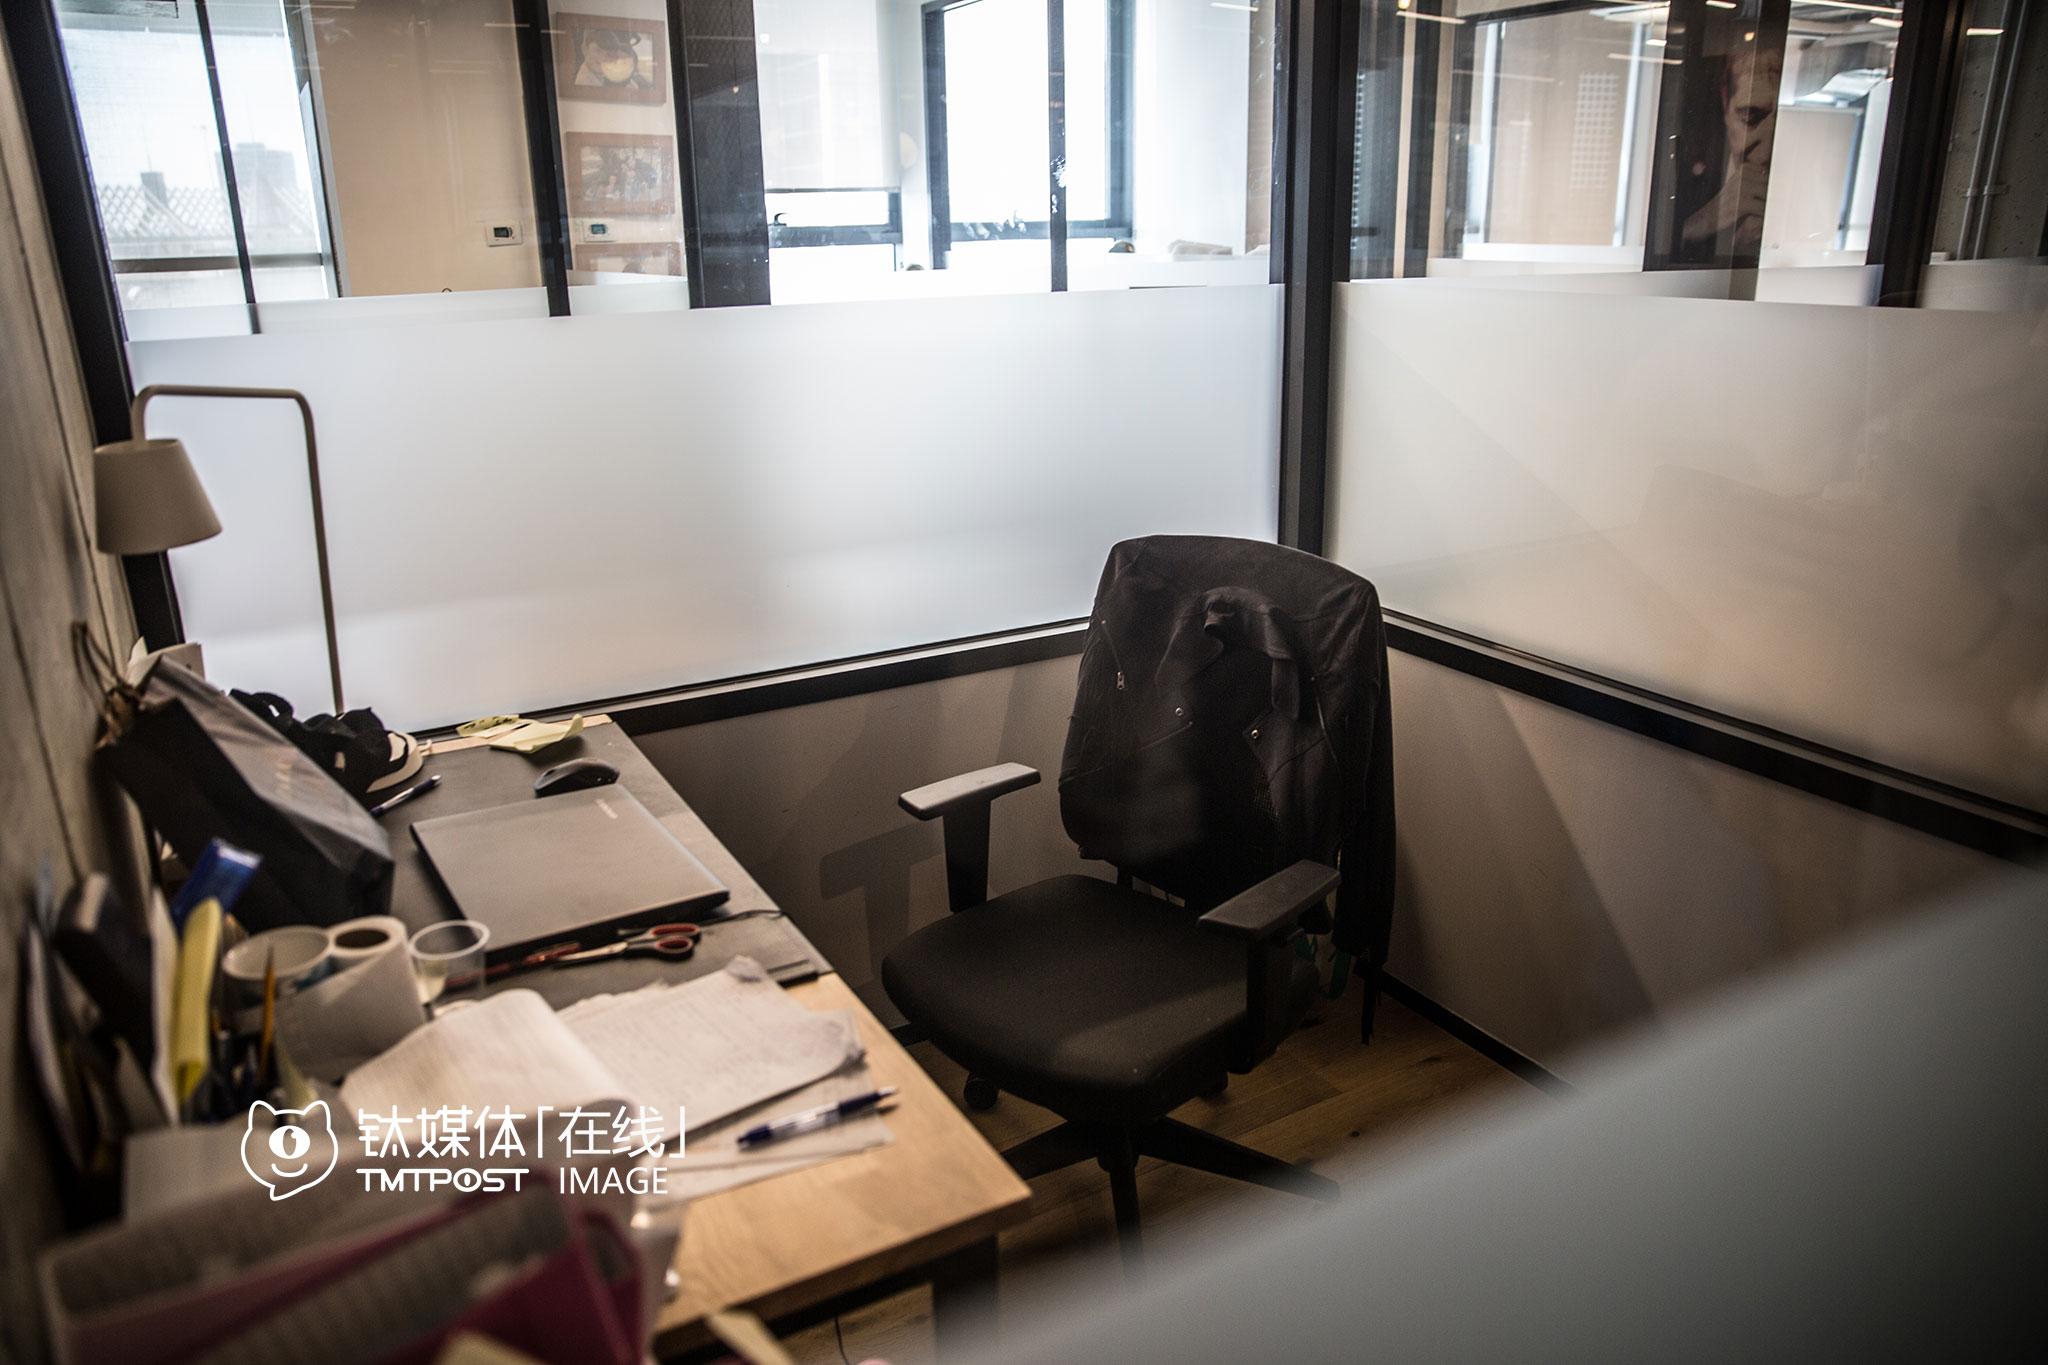 在wework,有一些专门为仅有1个人的公司准备的小隔间办公室,也有可以容纳多人的开间。